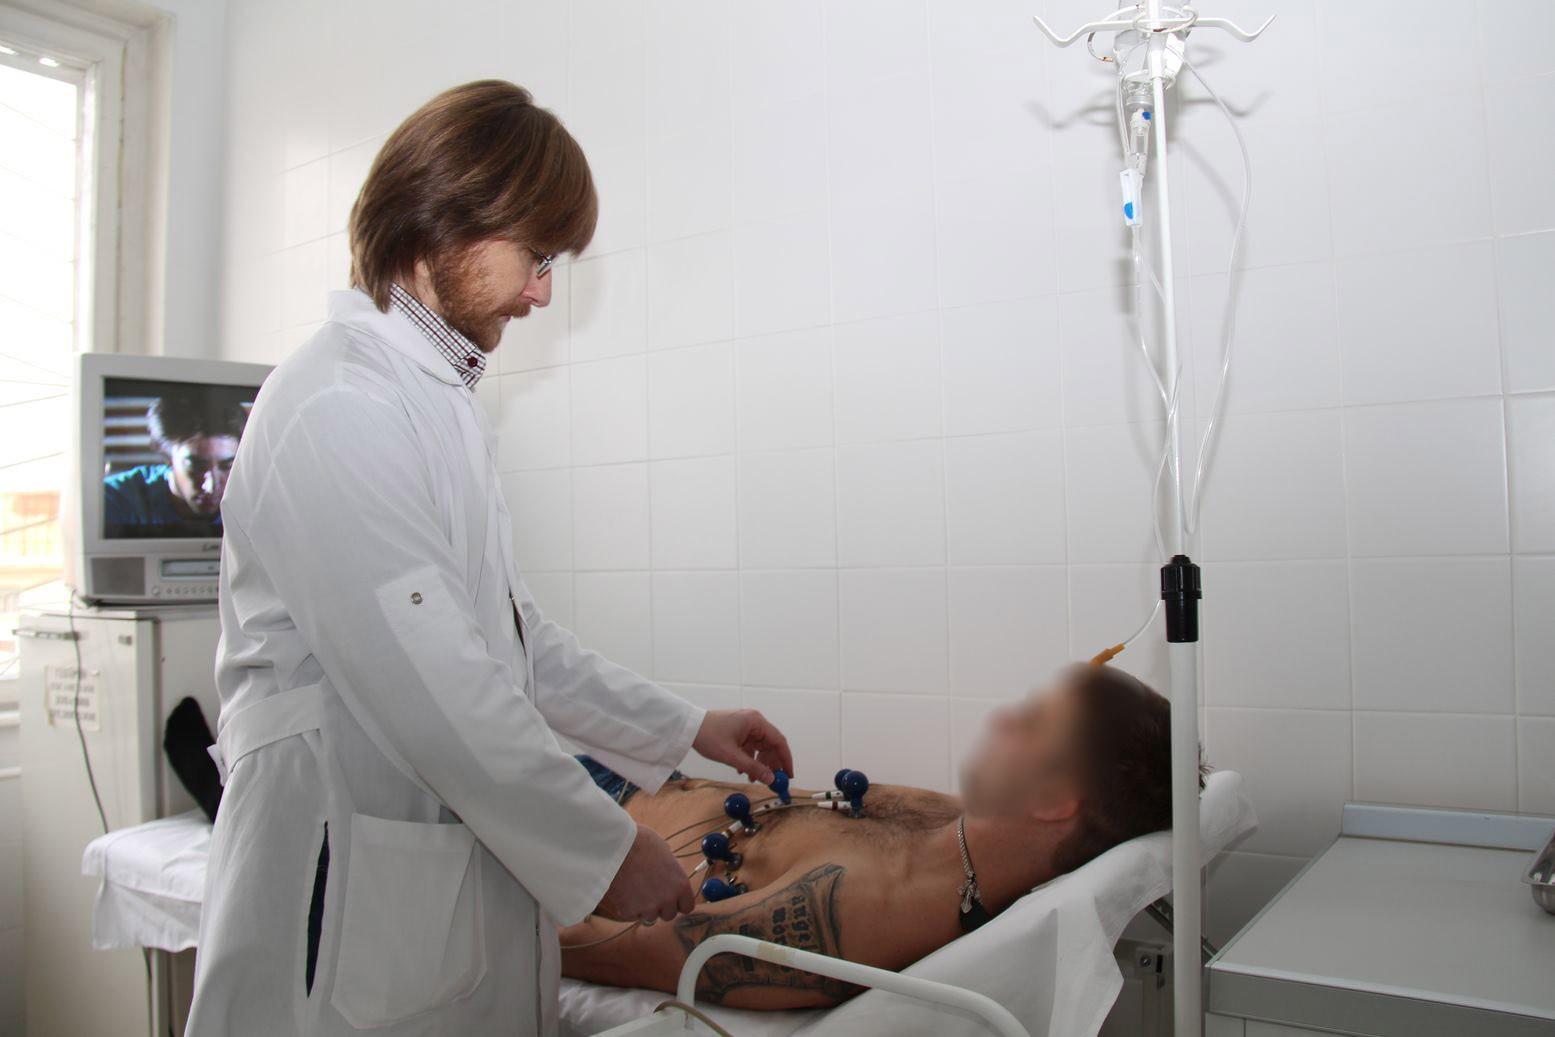 Бензодиазепиновая зависимость лечение в израиле: факторы риска, отравление и передозировка - наркологическая клиника maavar clinic